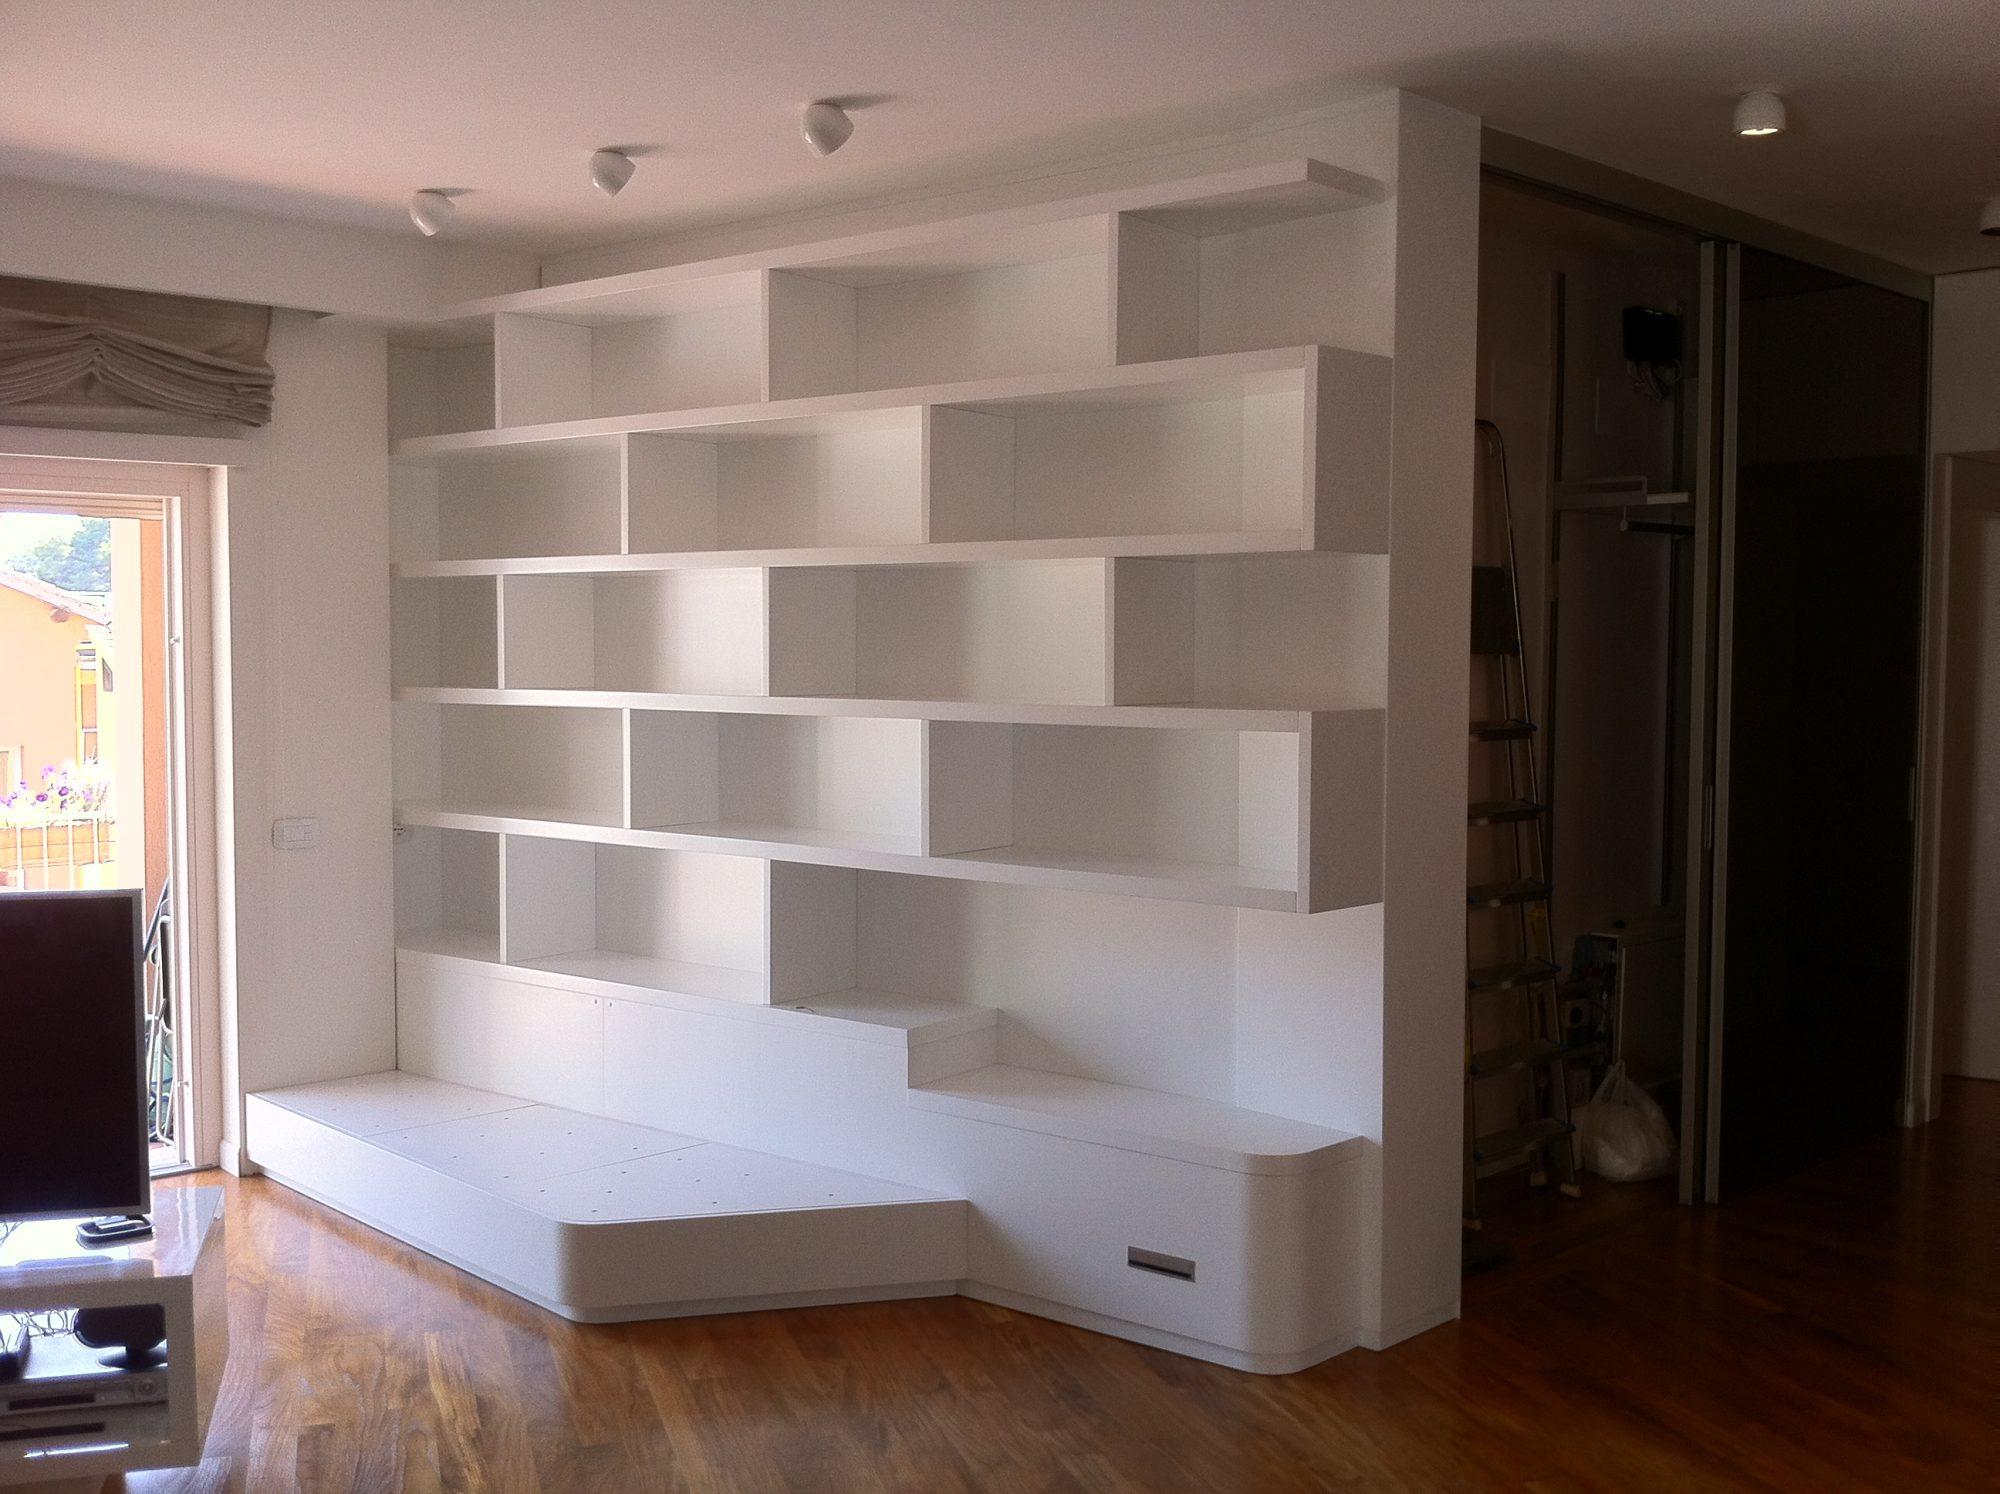 Prezzo Libreria Su Misura.Librerie Su Misura Roma Bucefalo Arredamenti